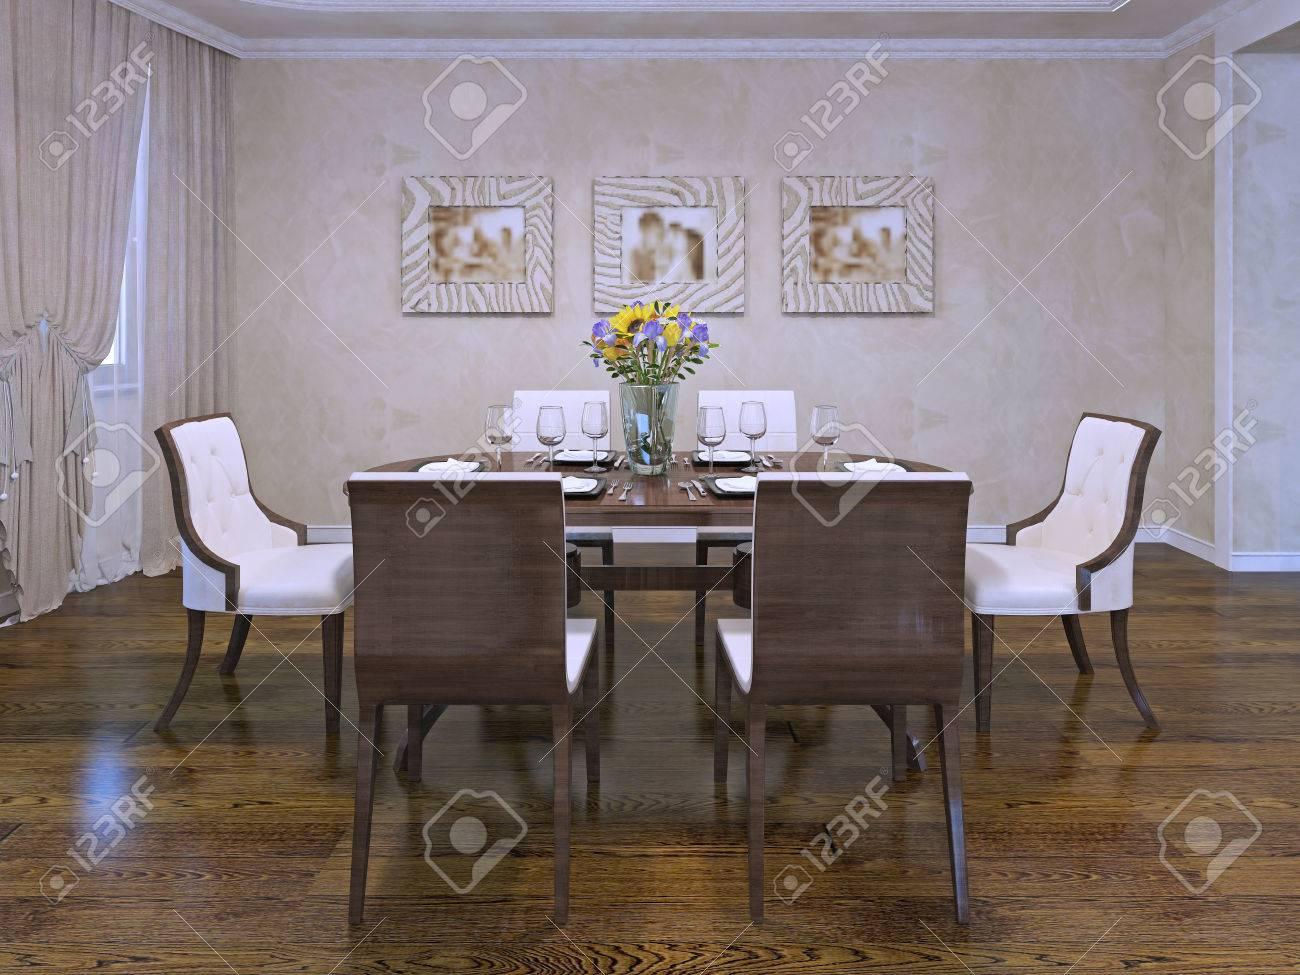 Ontwerp van eetkamer in privé huis mooie witte stoelen met houten